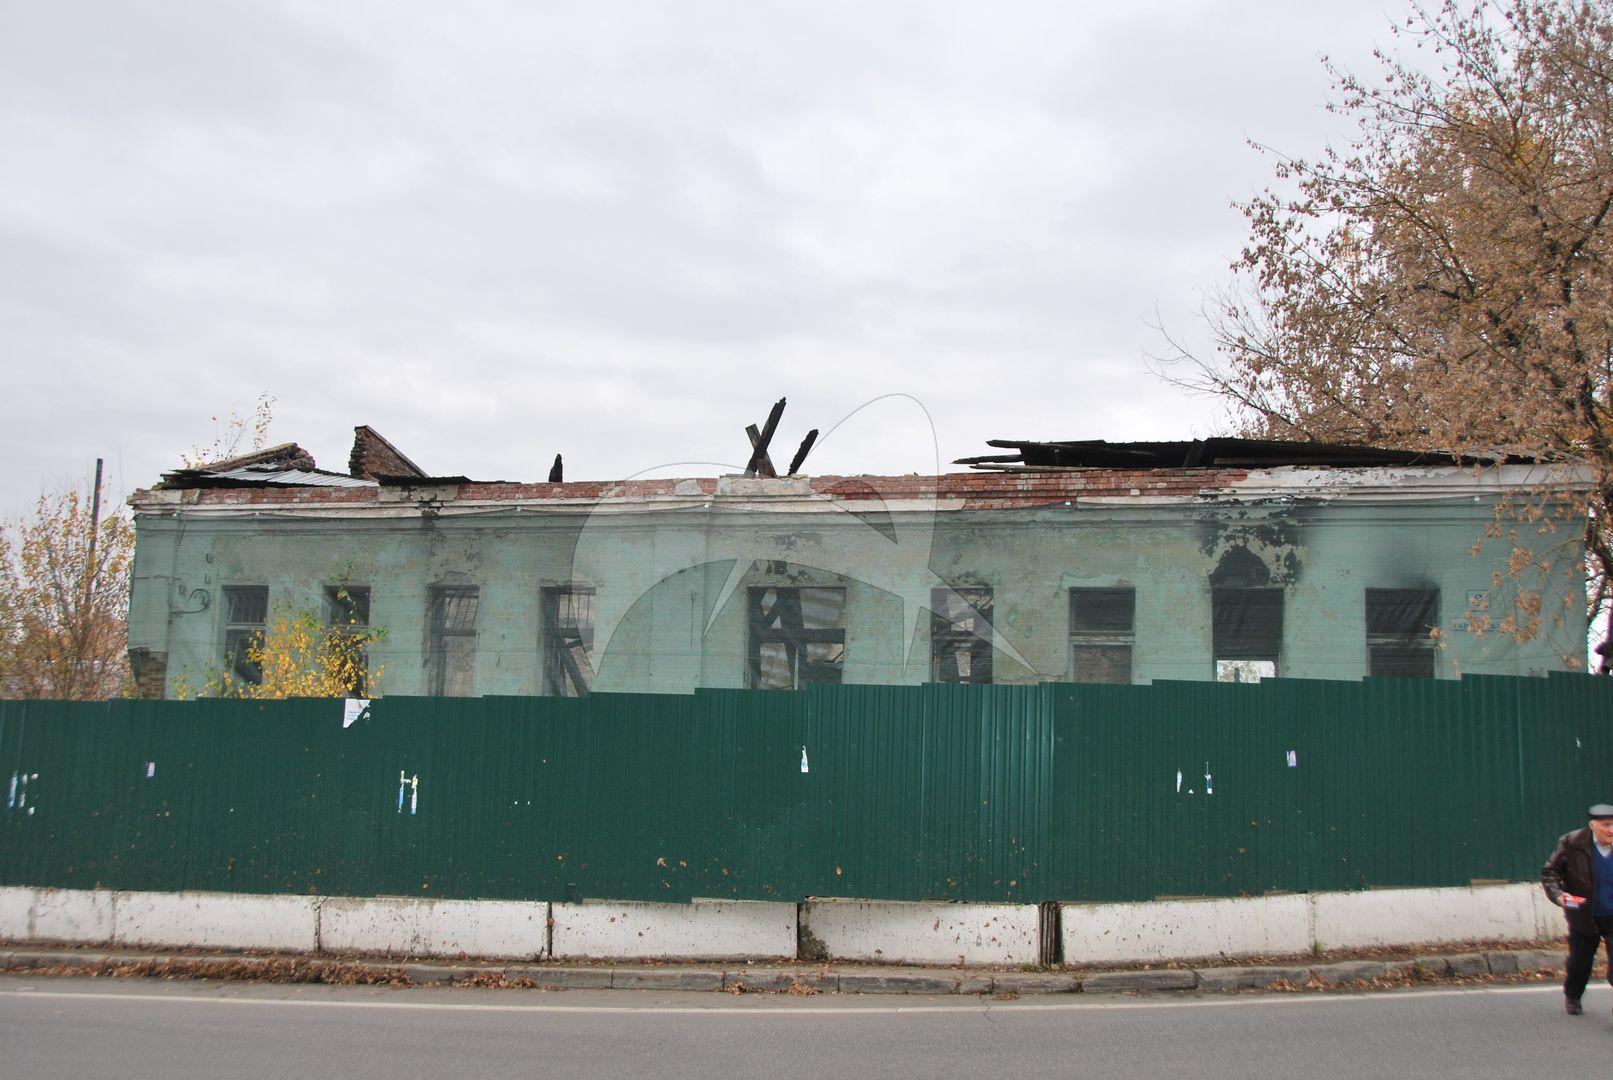 Комплекс застройки Торговой площади: жилой дом с лавками